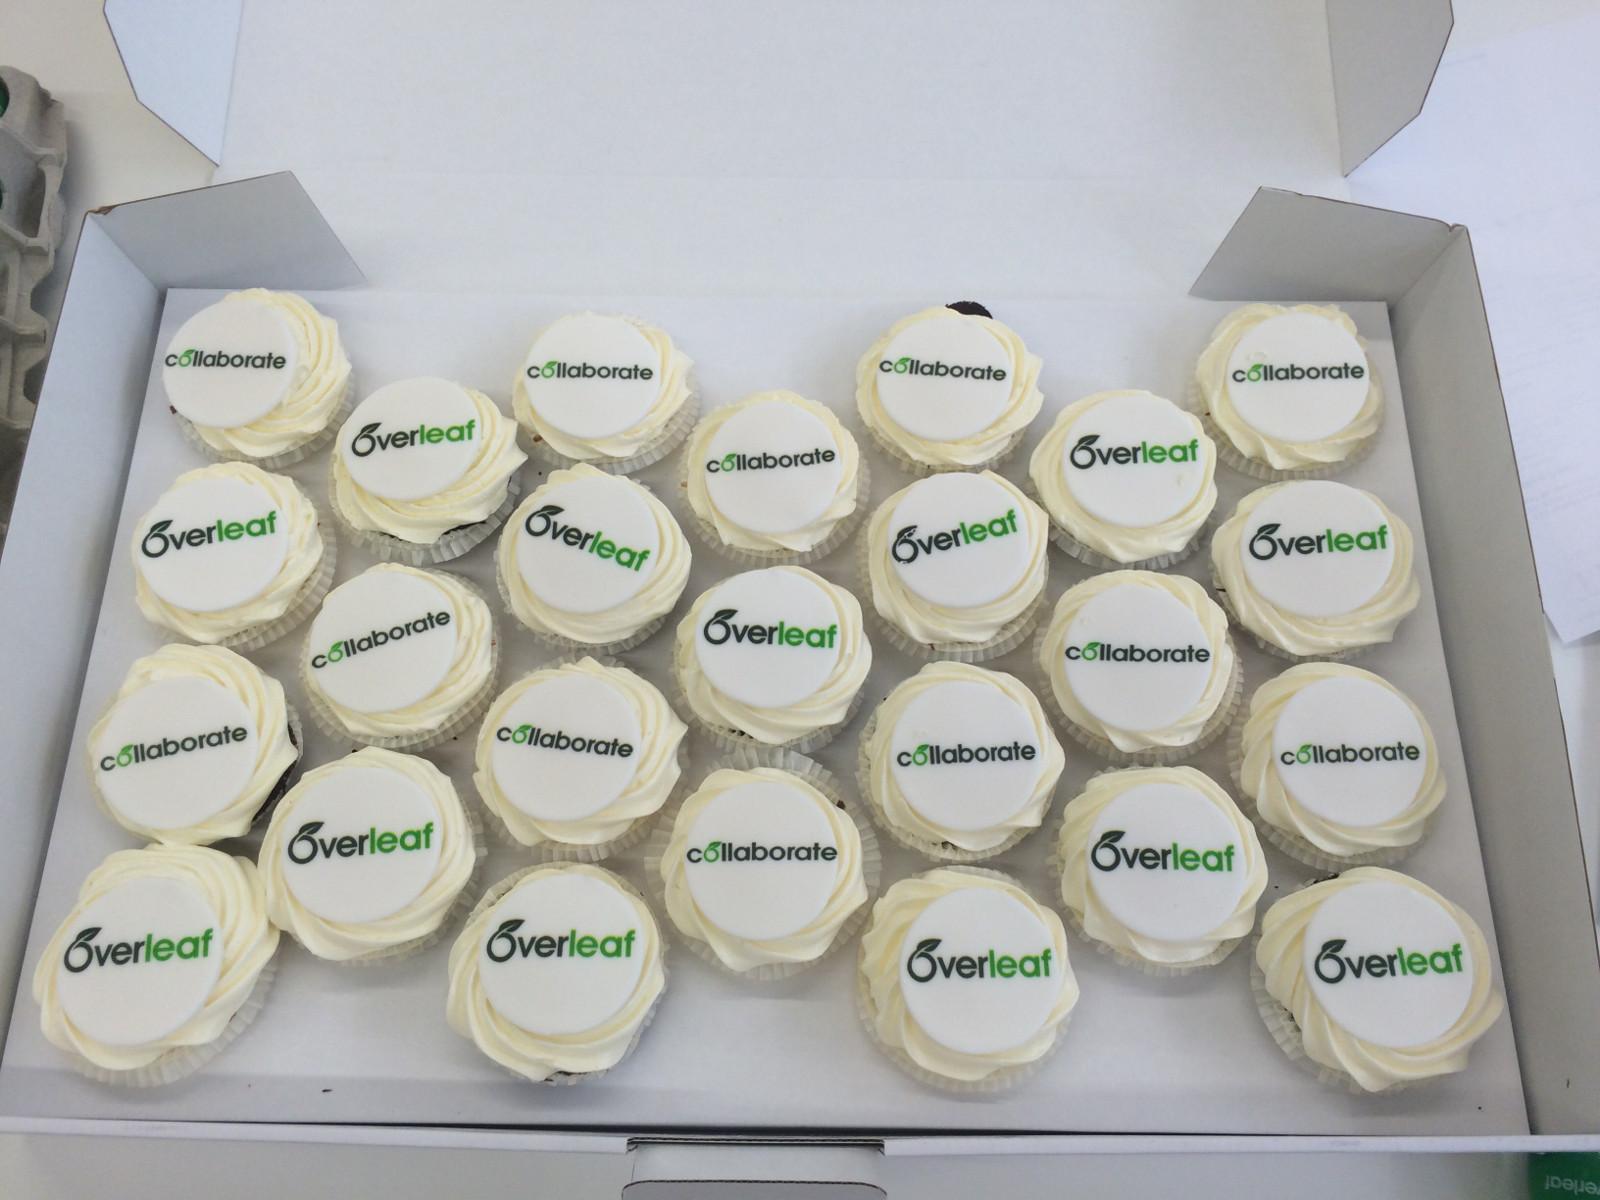 Overleaf Cupcakes!